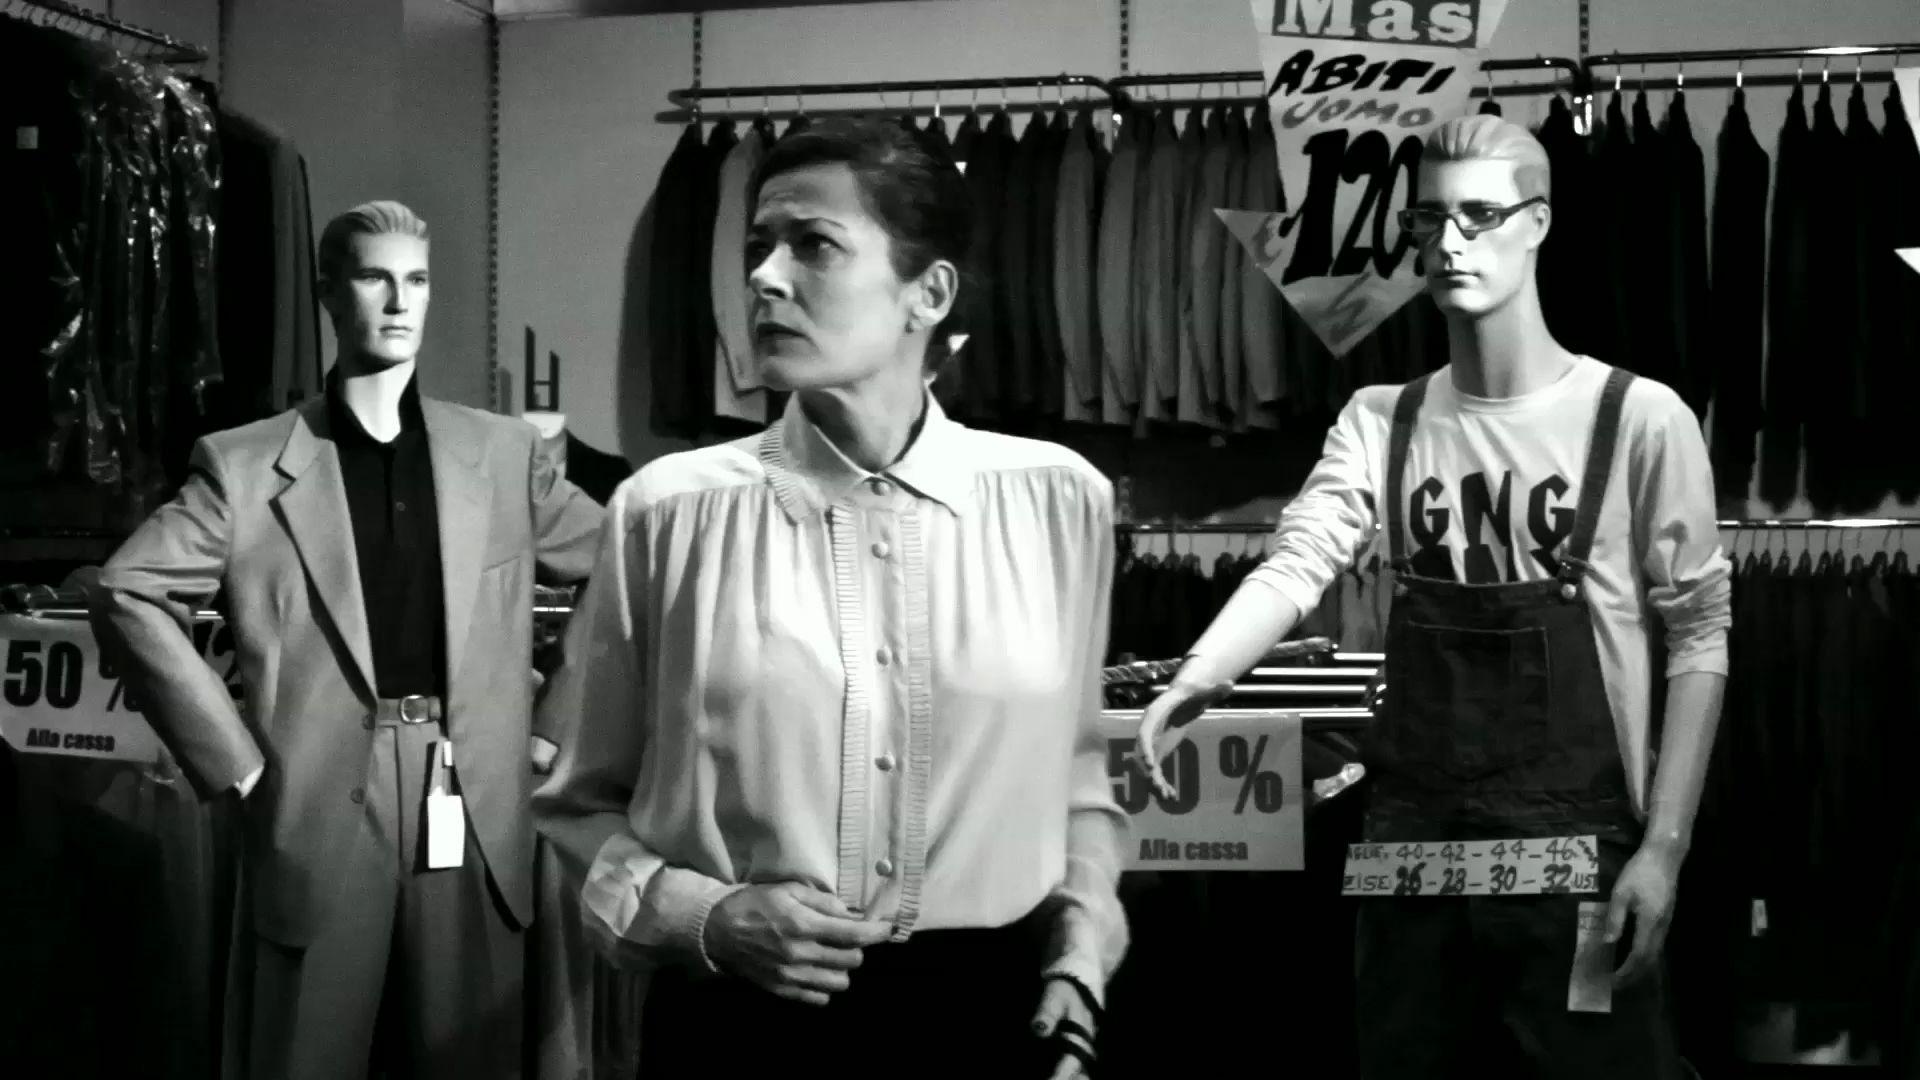 The Show Mas Go On: un'immagine tratta dal documentario di Rä di Martino